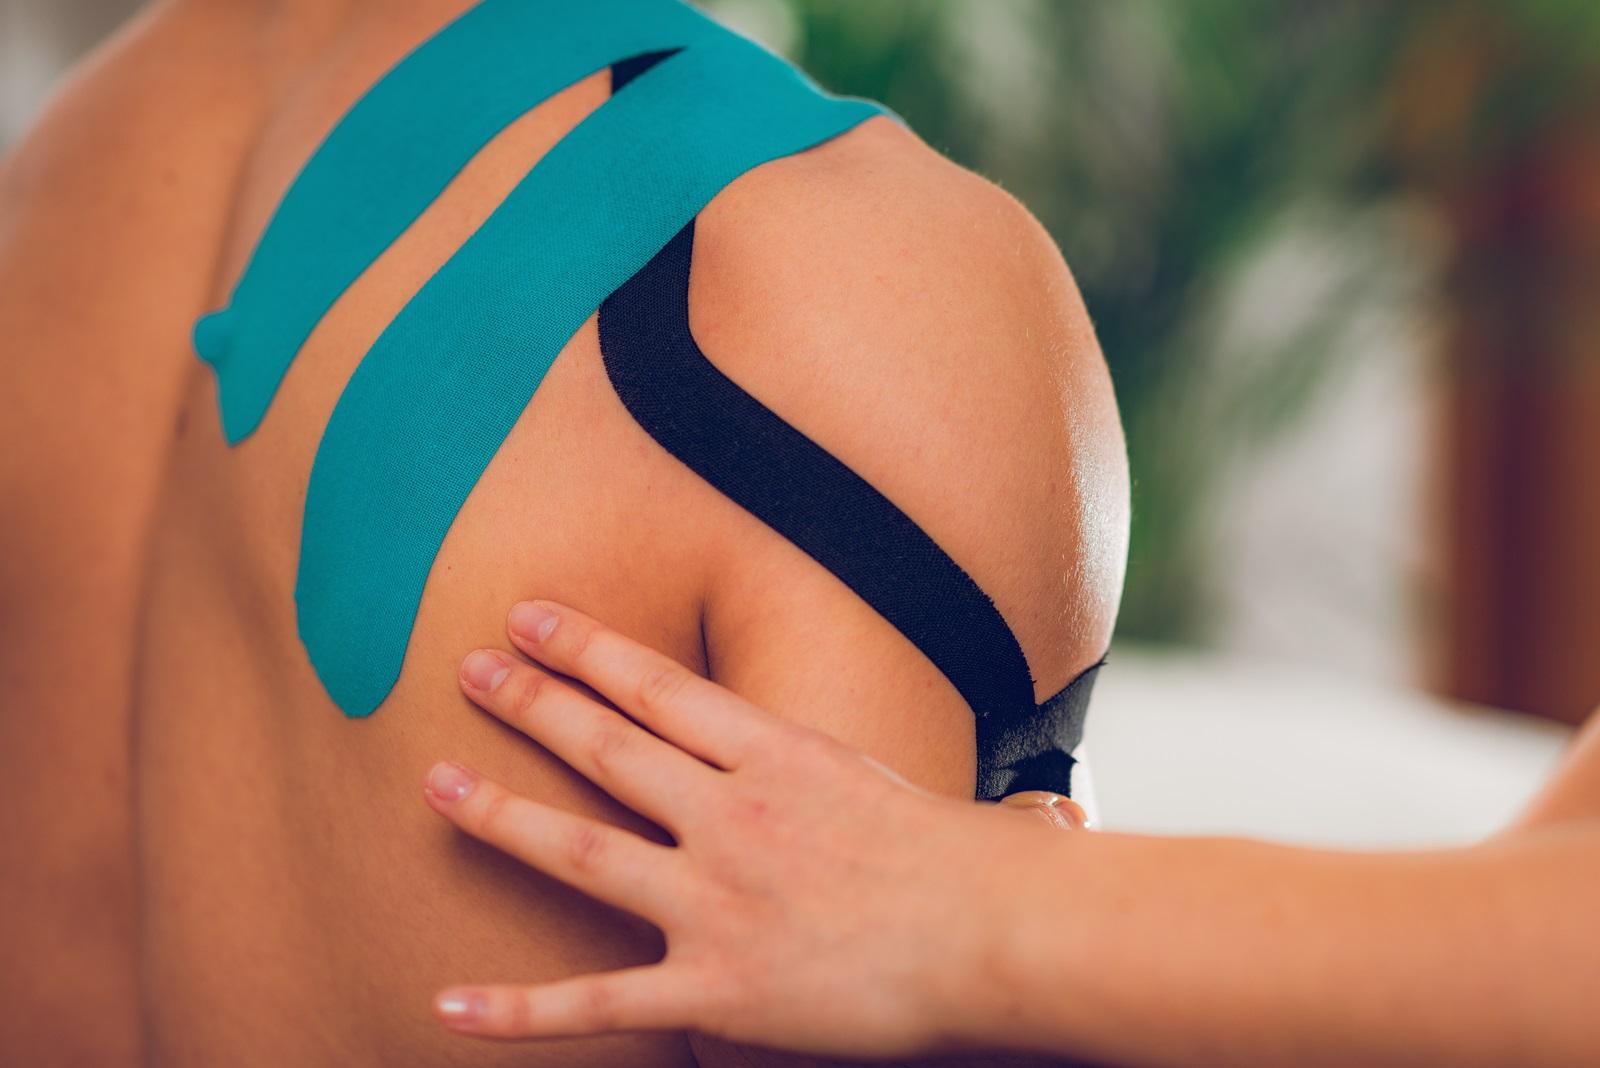 shoulder injury settlement